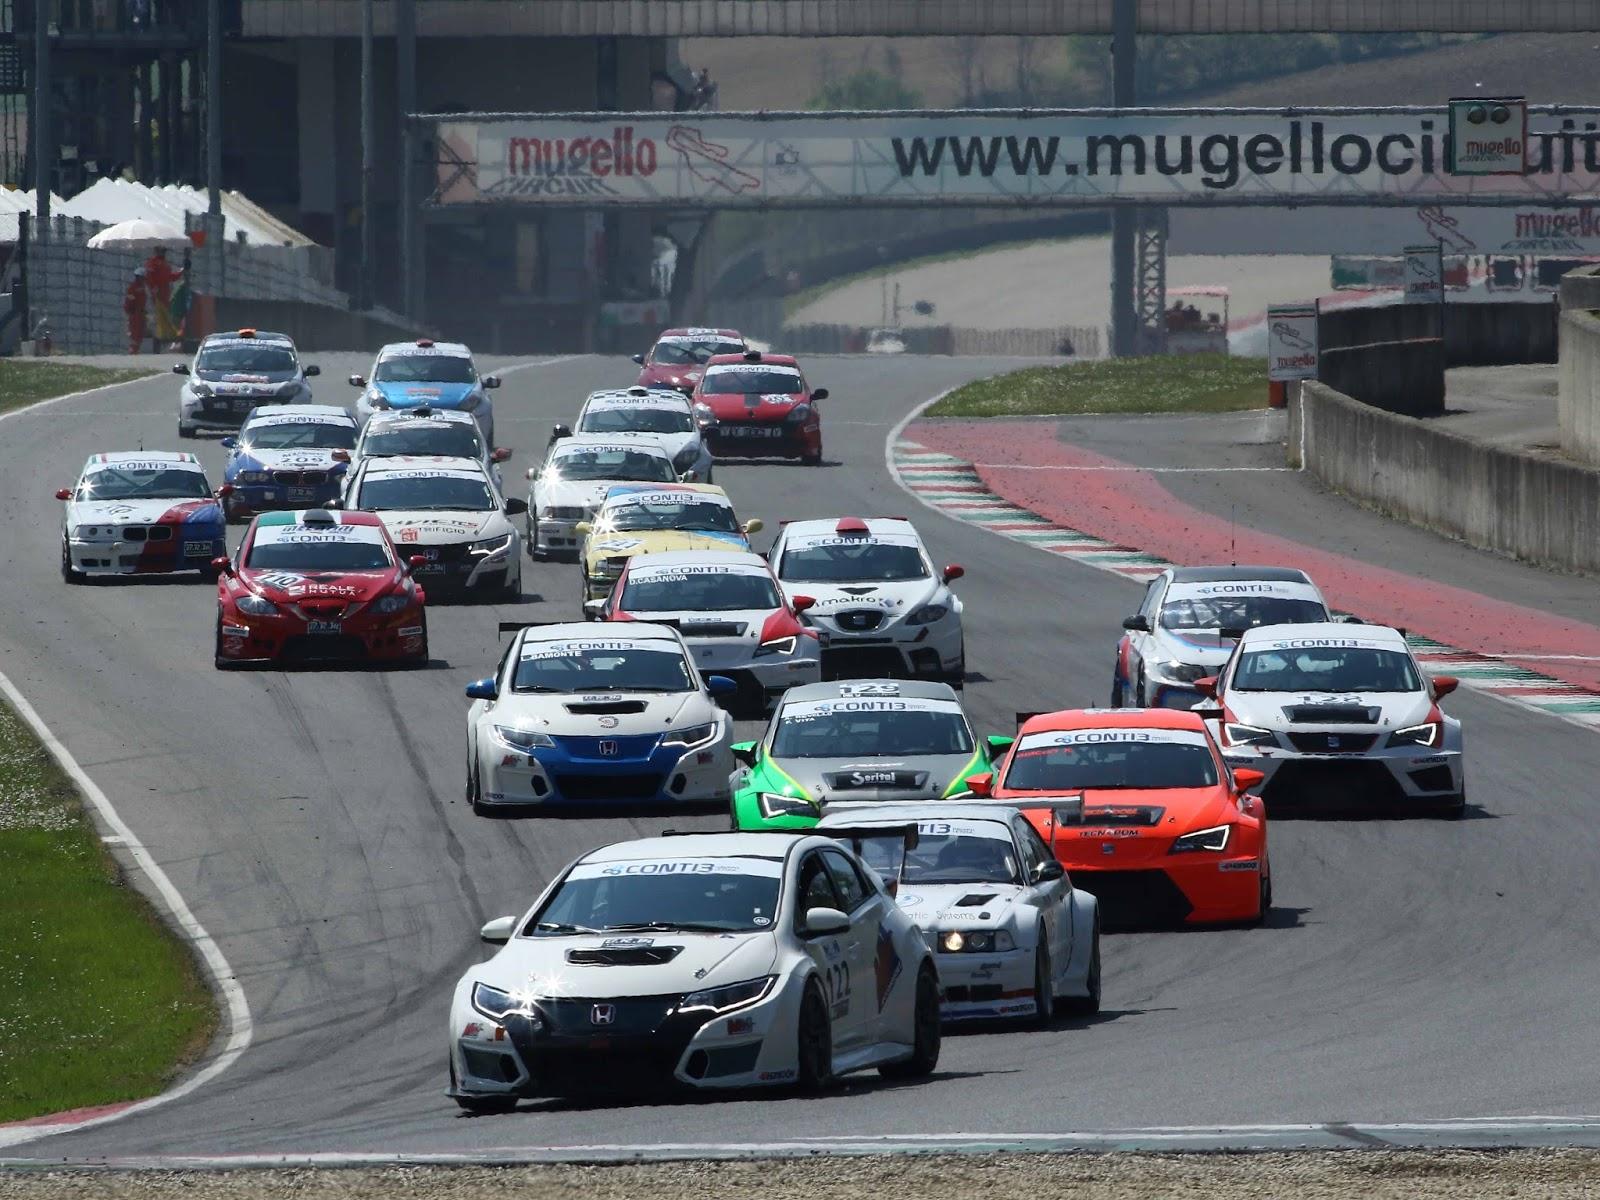 Circuito Del Mugello : Il gruppo peroni race apre il 2018 al mugello ~ automotocorse.it